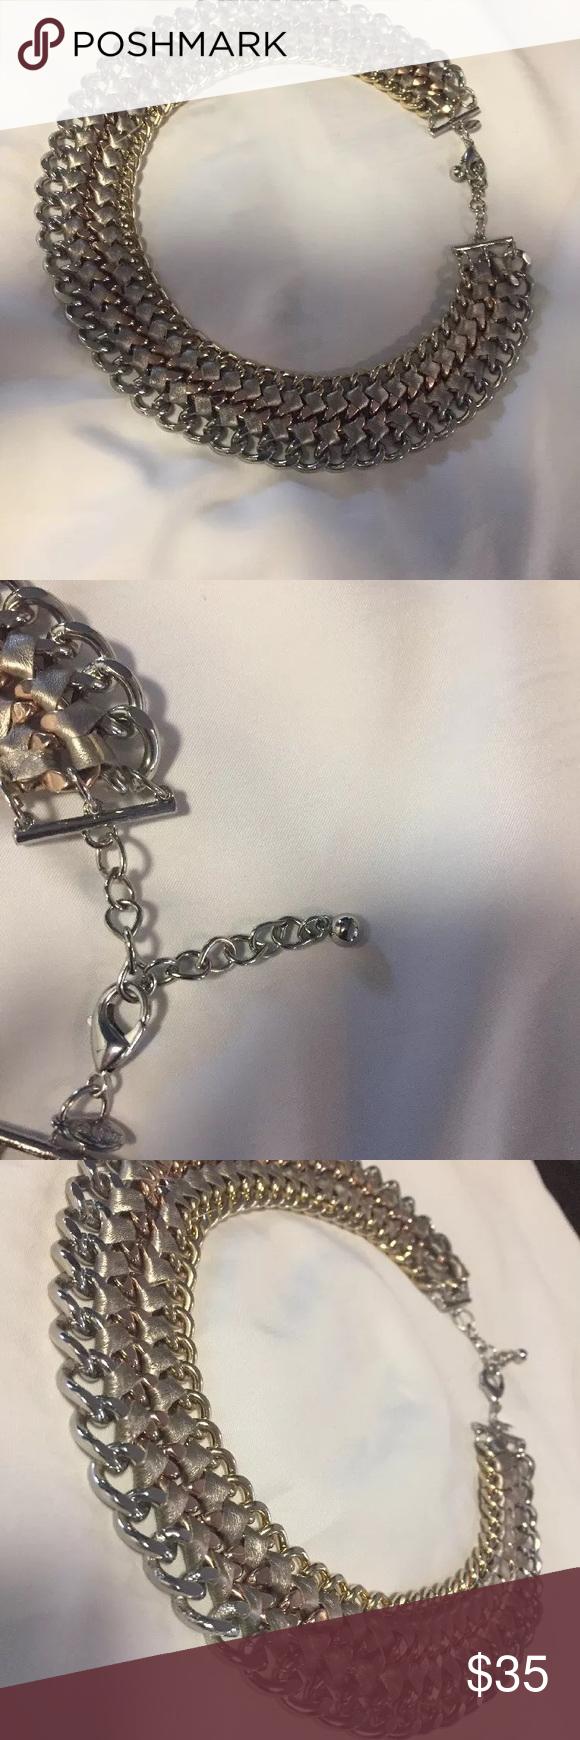 Express Choker Choker Rose gold and Jewelry